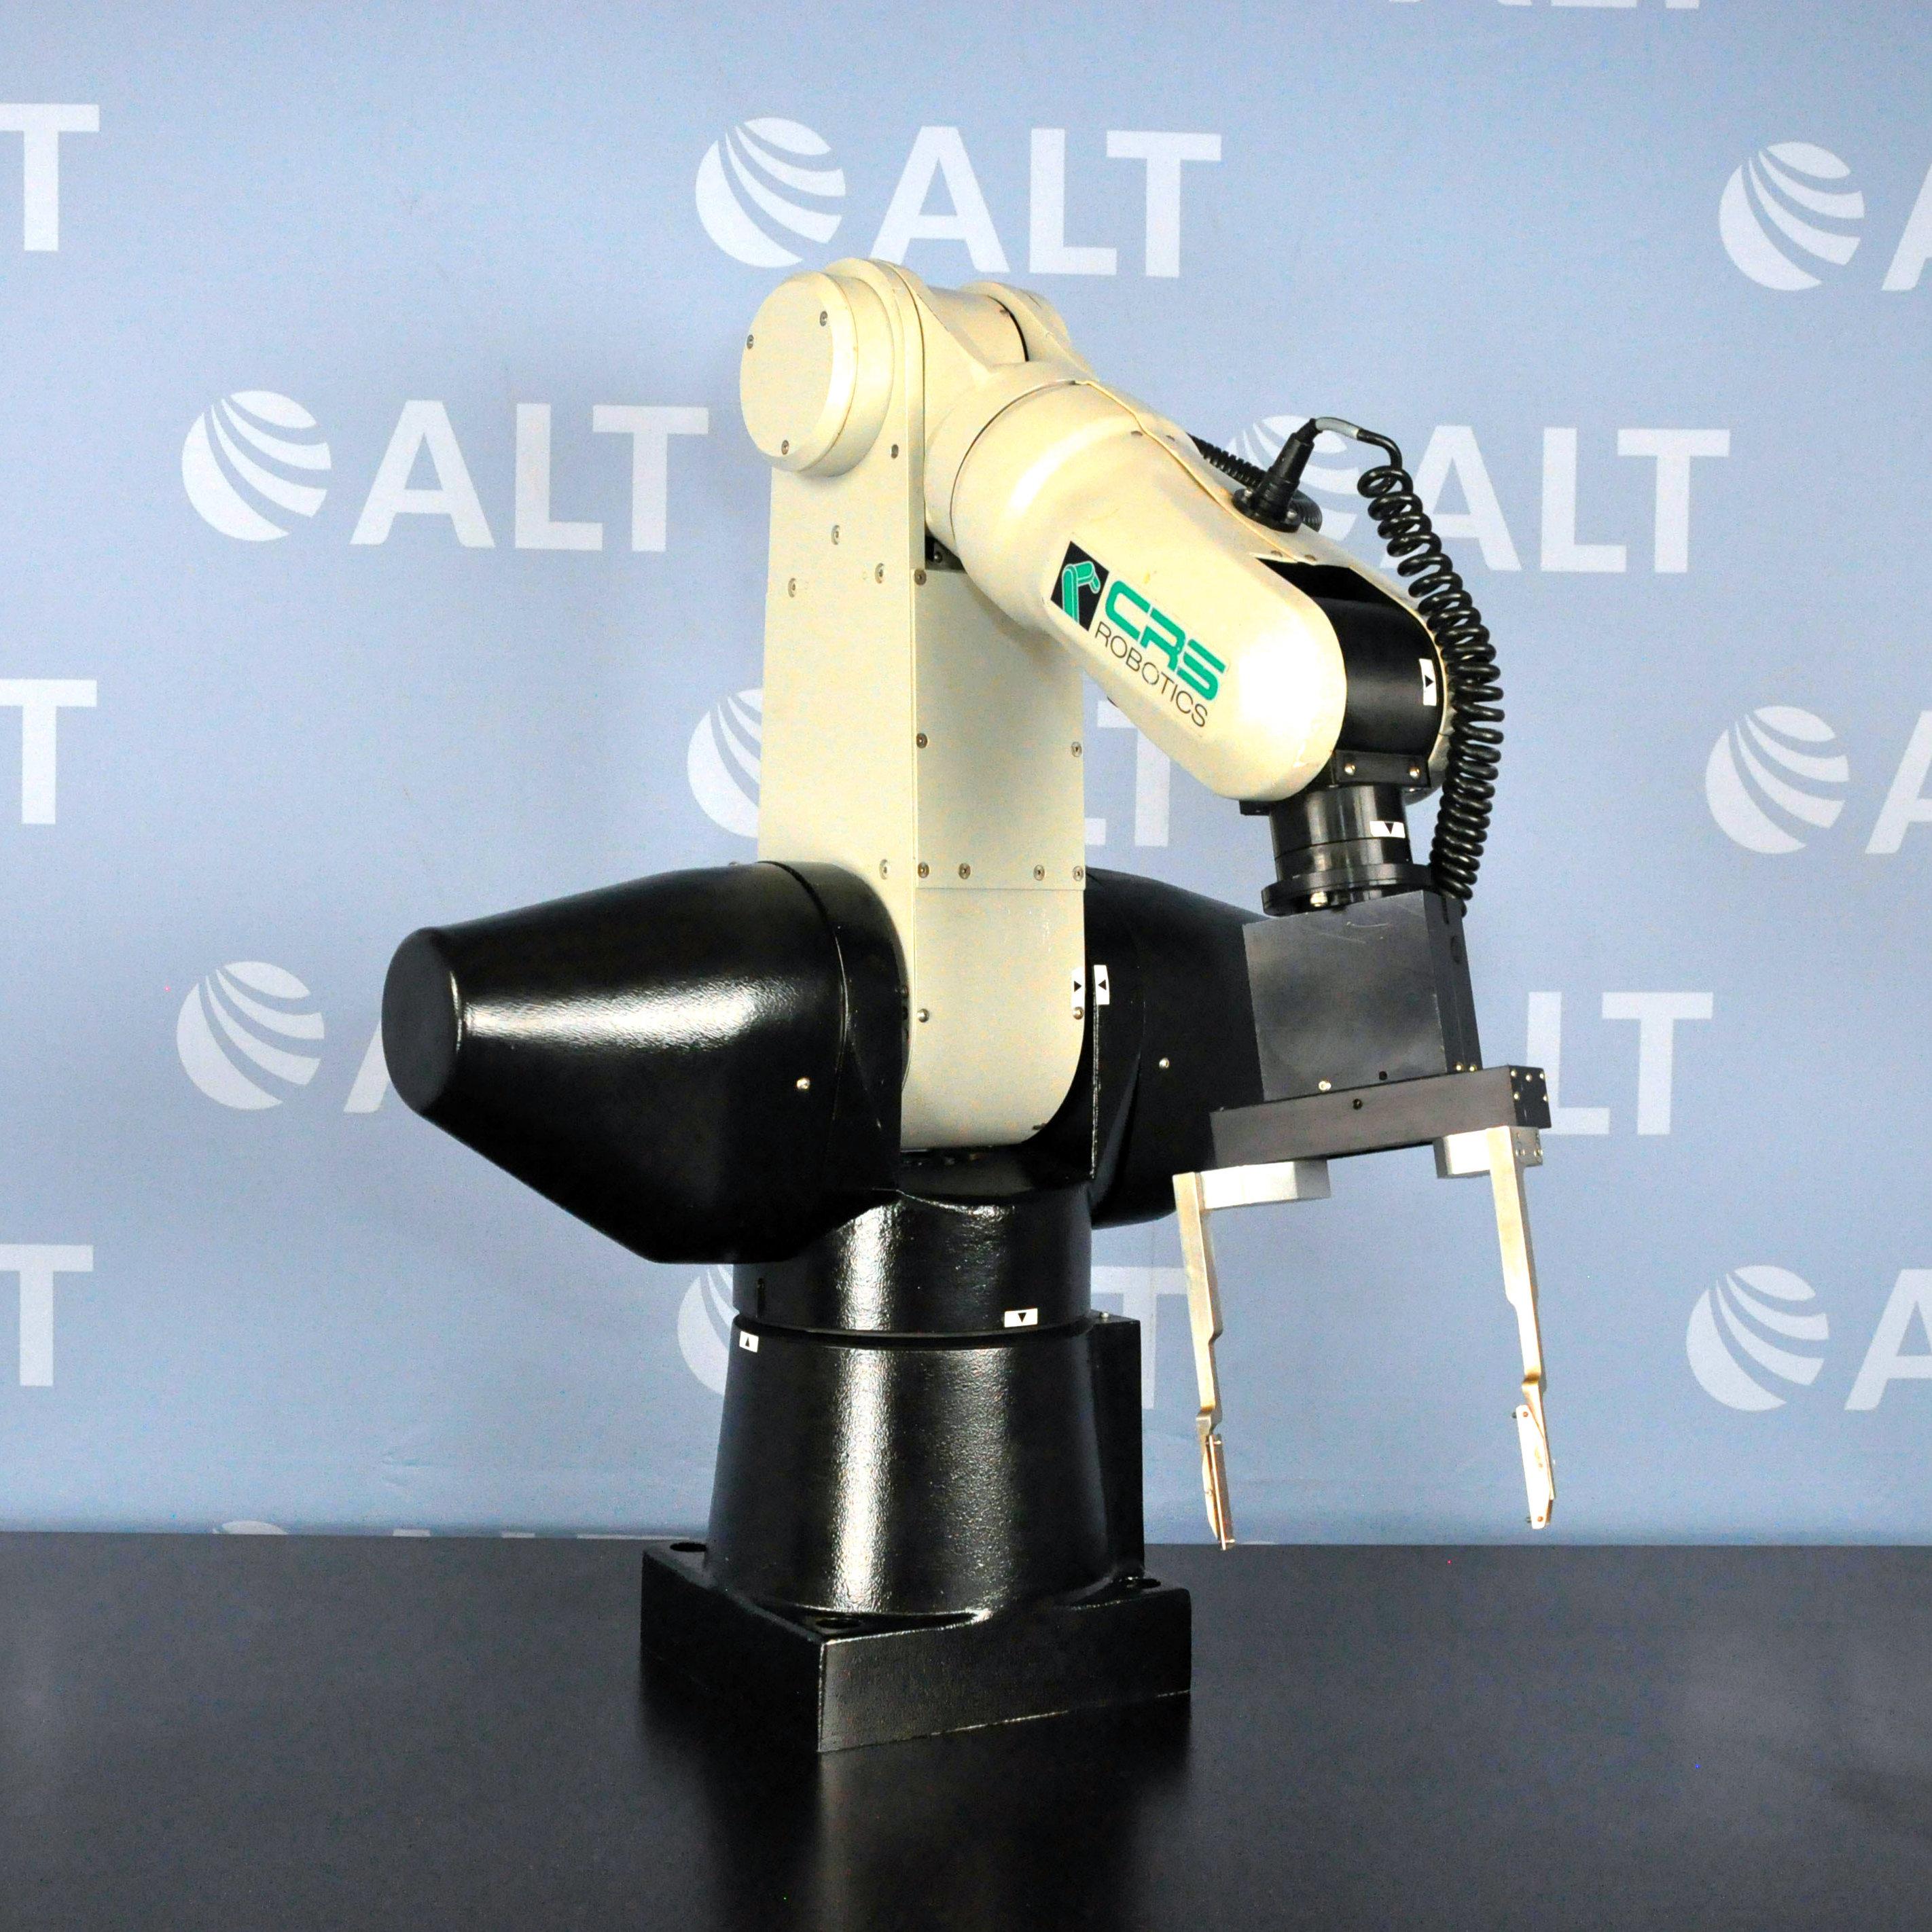 A465 Robot Arm Name